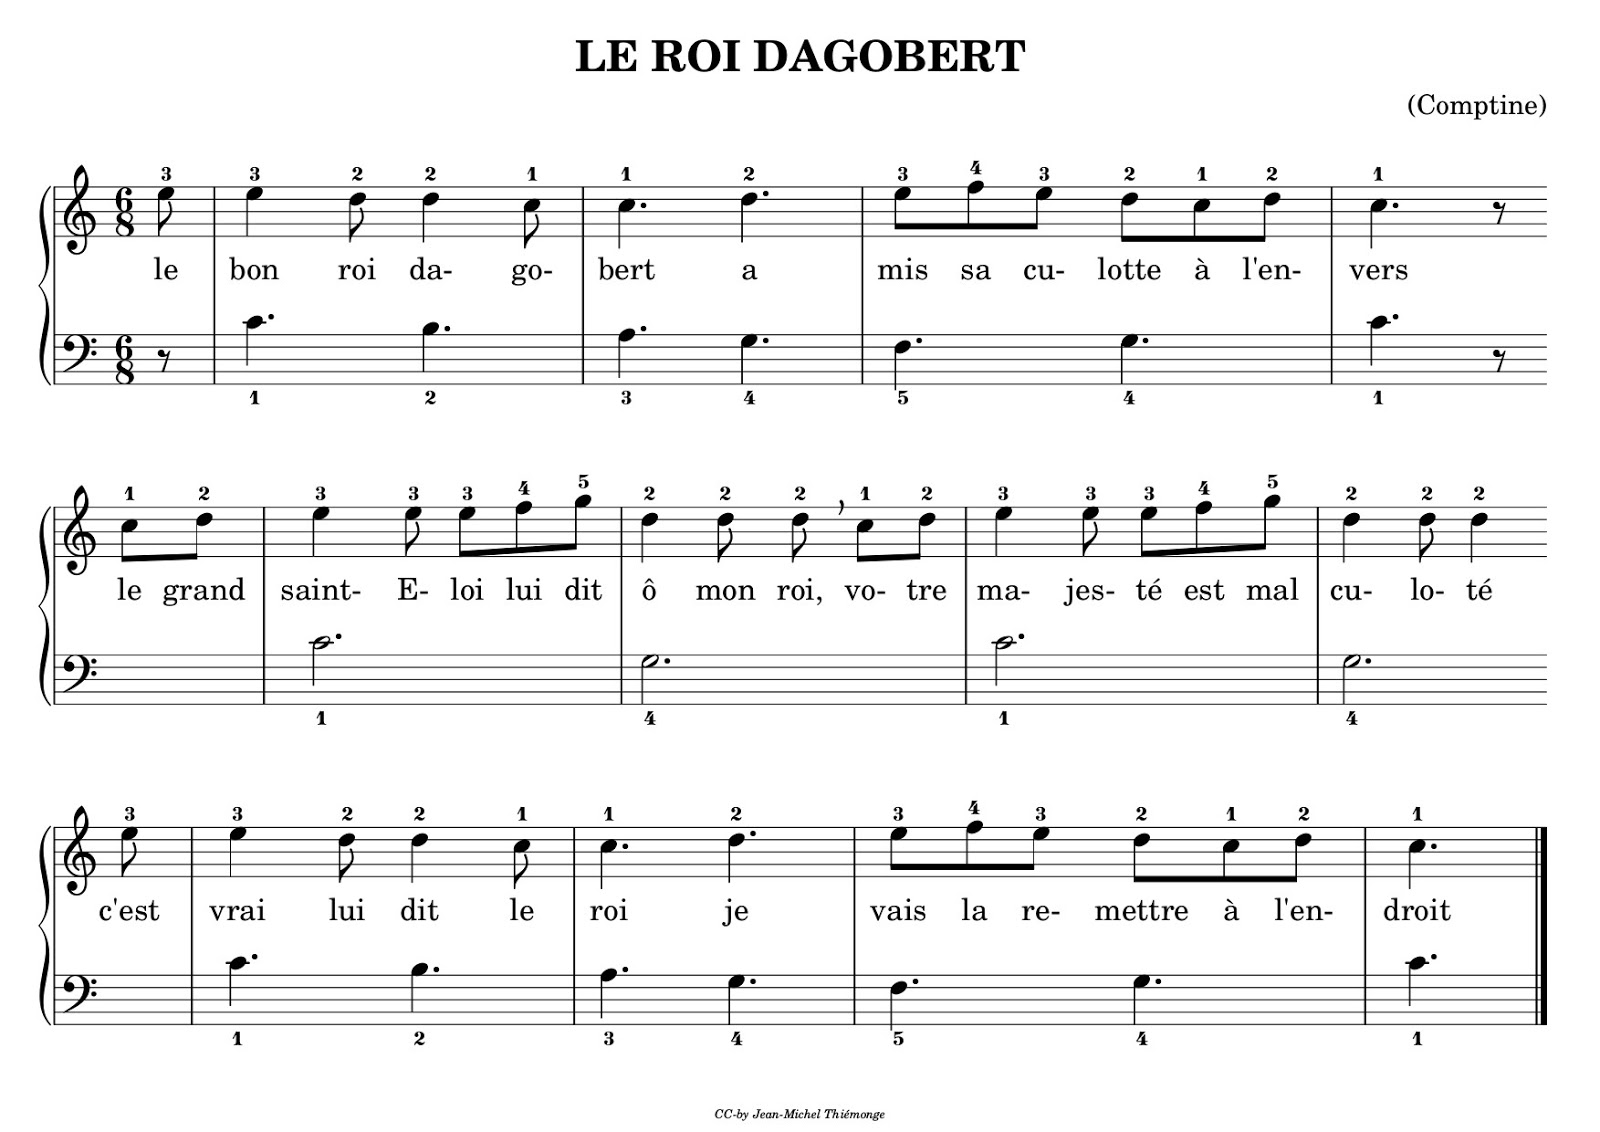 Partition Piano Pour Debutant 1